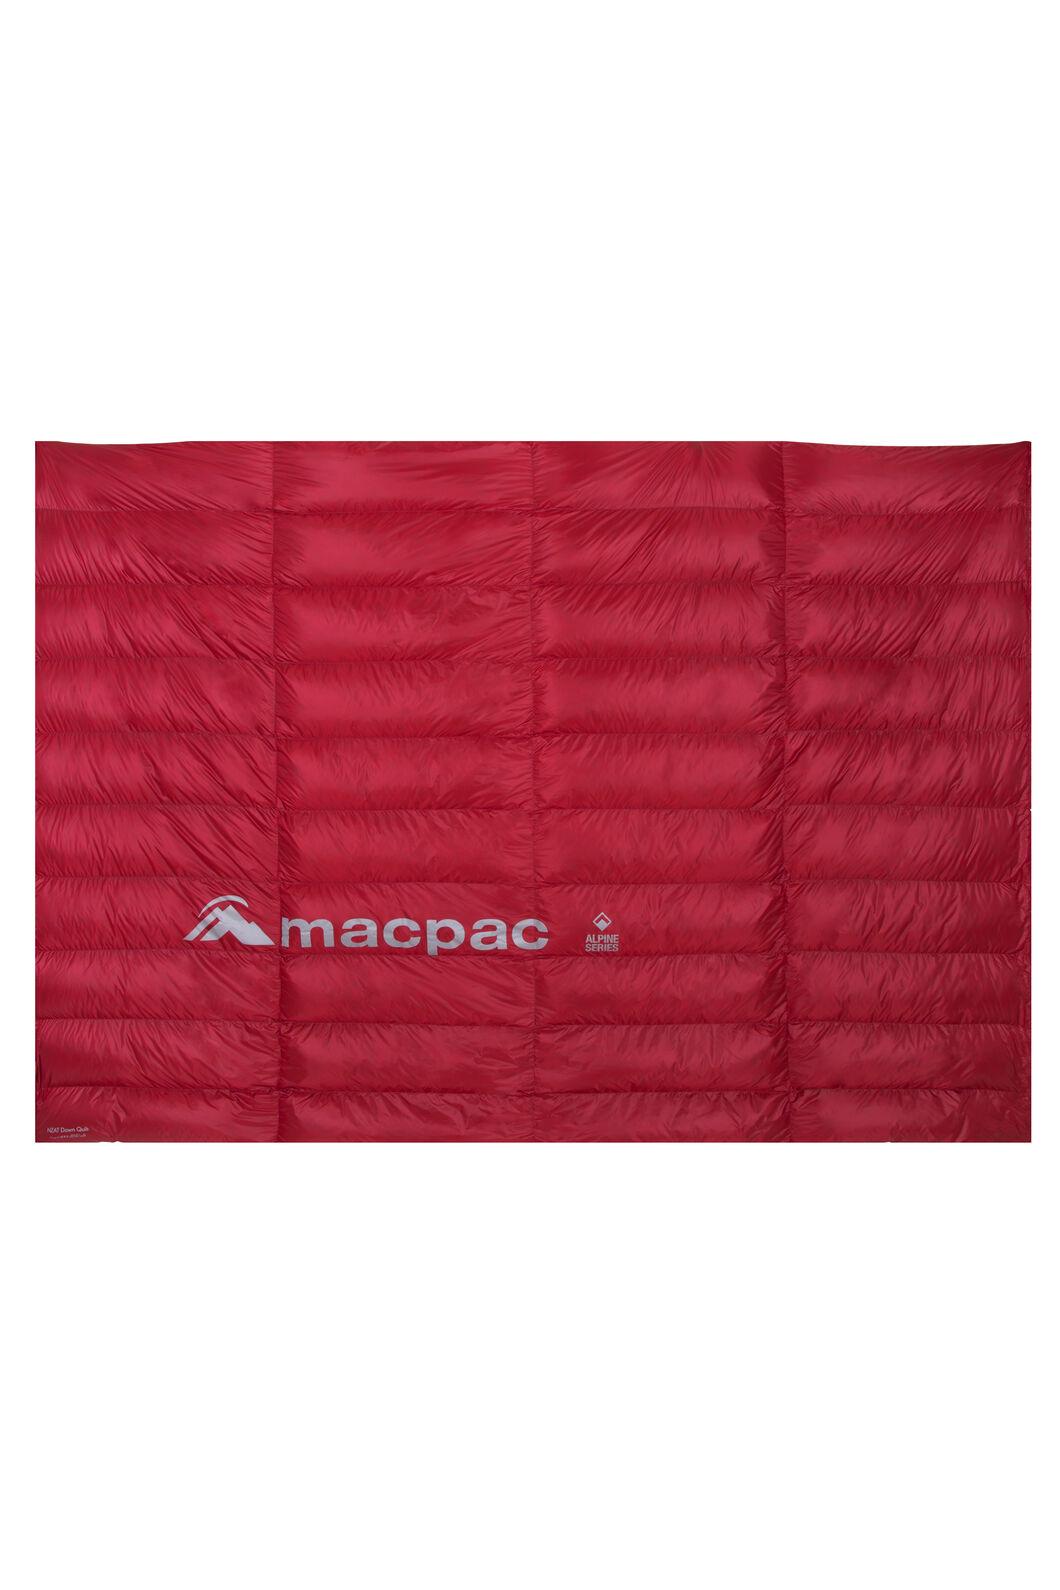 Macpac NZAT HyperDRY™ Down Quilt, Scarlet Sage, hi-res